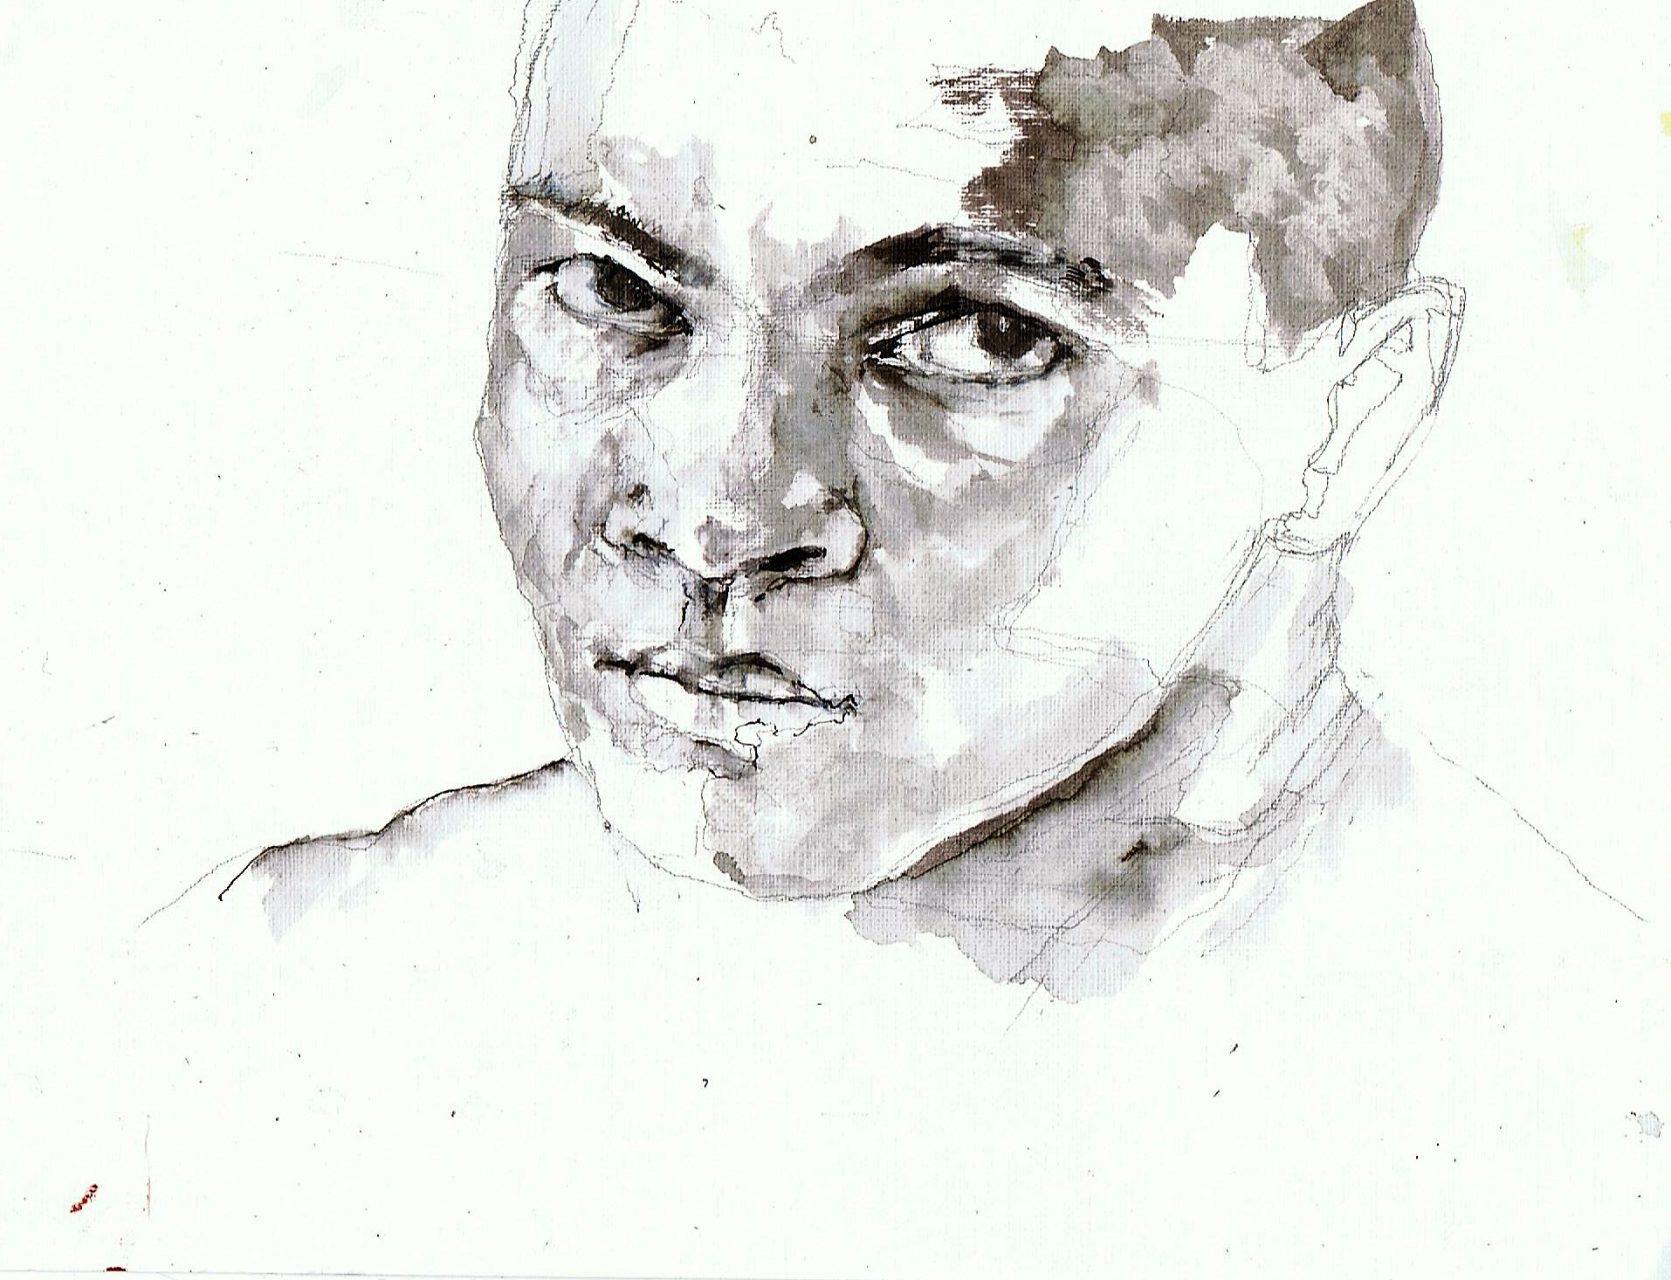 365 dagen een portret 57 Mohammed Ali, wereldkampioen(3) boksen Inkt 19c25